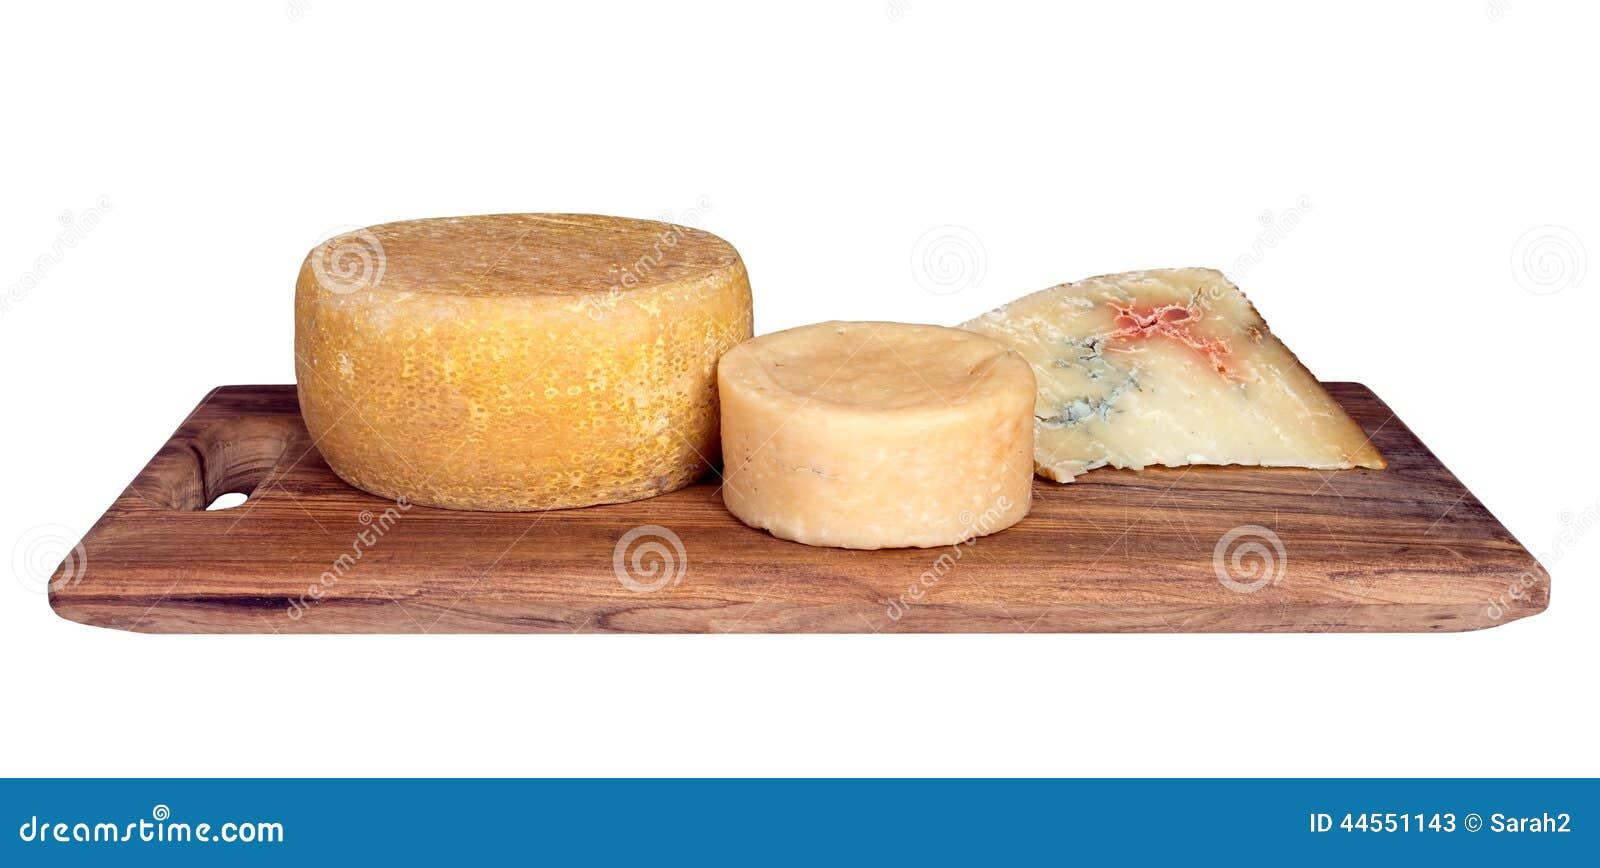 le plateau de fromages avec trois a assorti l 39 artisan fromages rustiques isolat photo stock. Black Bedroom Furniture Sets. Home Design Ideas